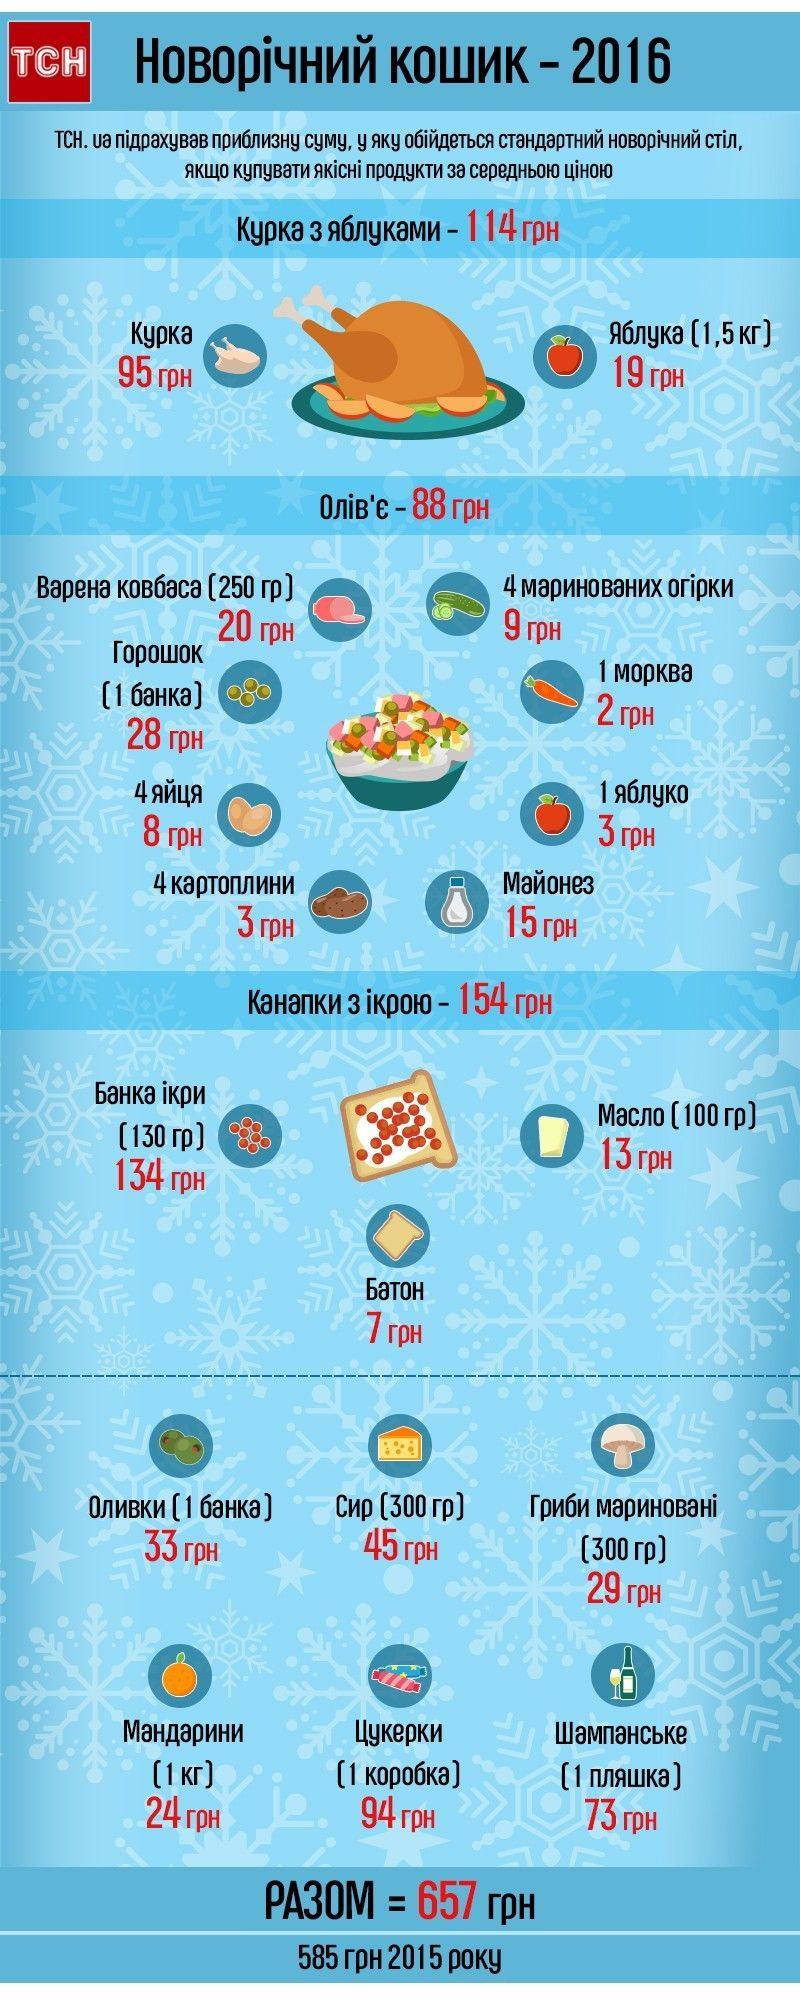 Інфографіка / tsn.ua